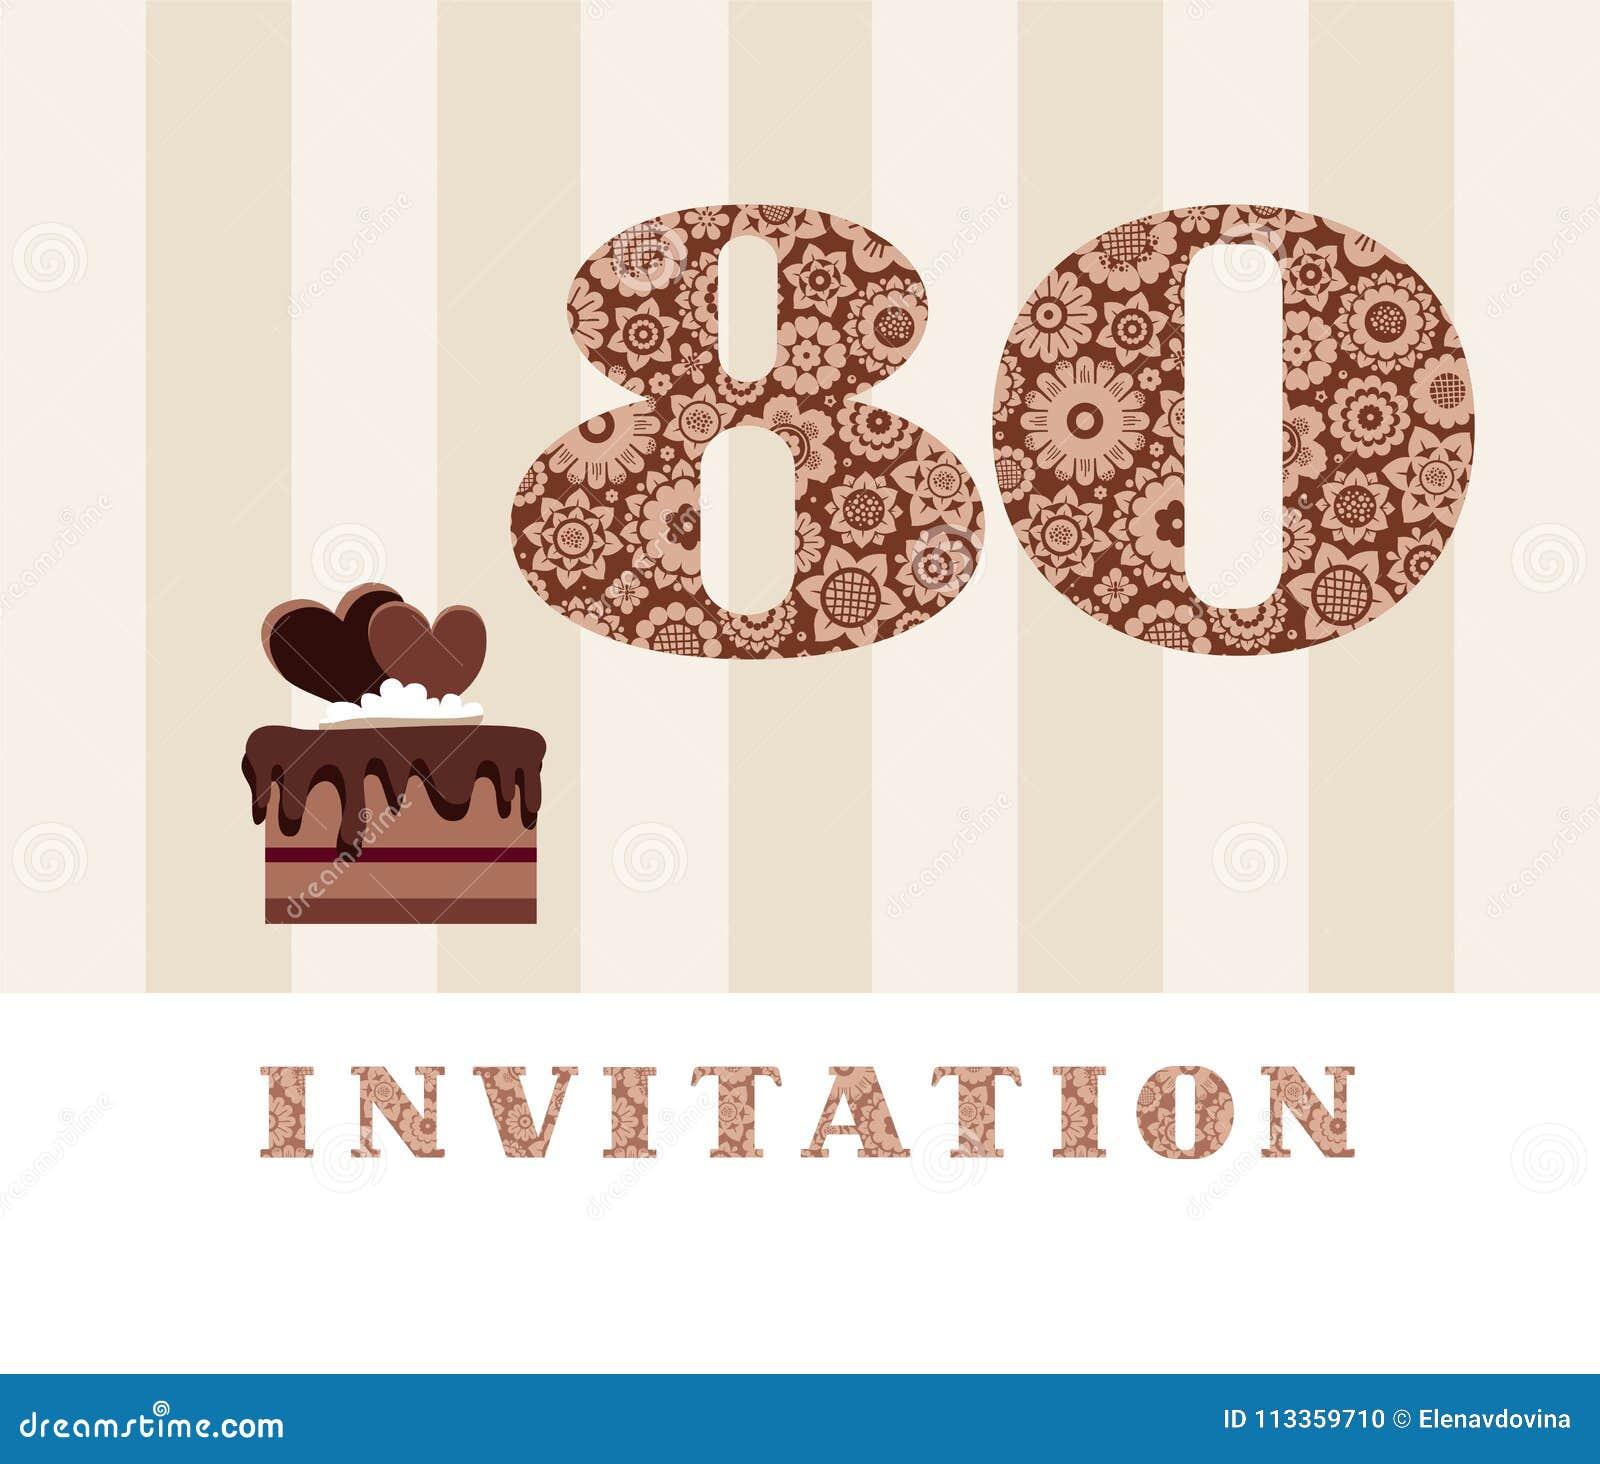 Invitación 80 Años Torta De Chocolate Corazón Vector